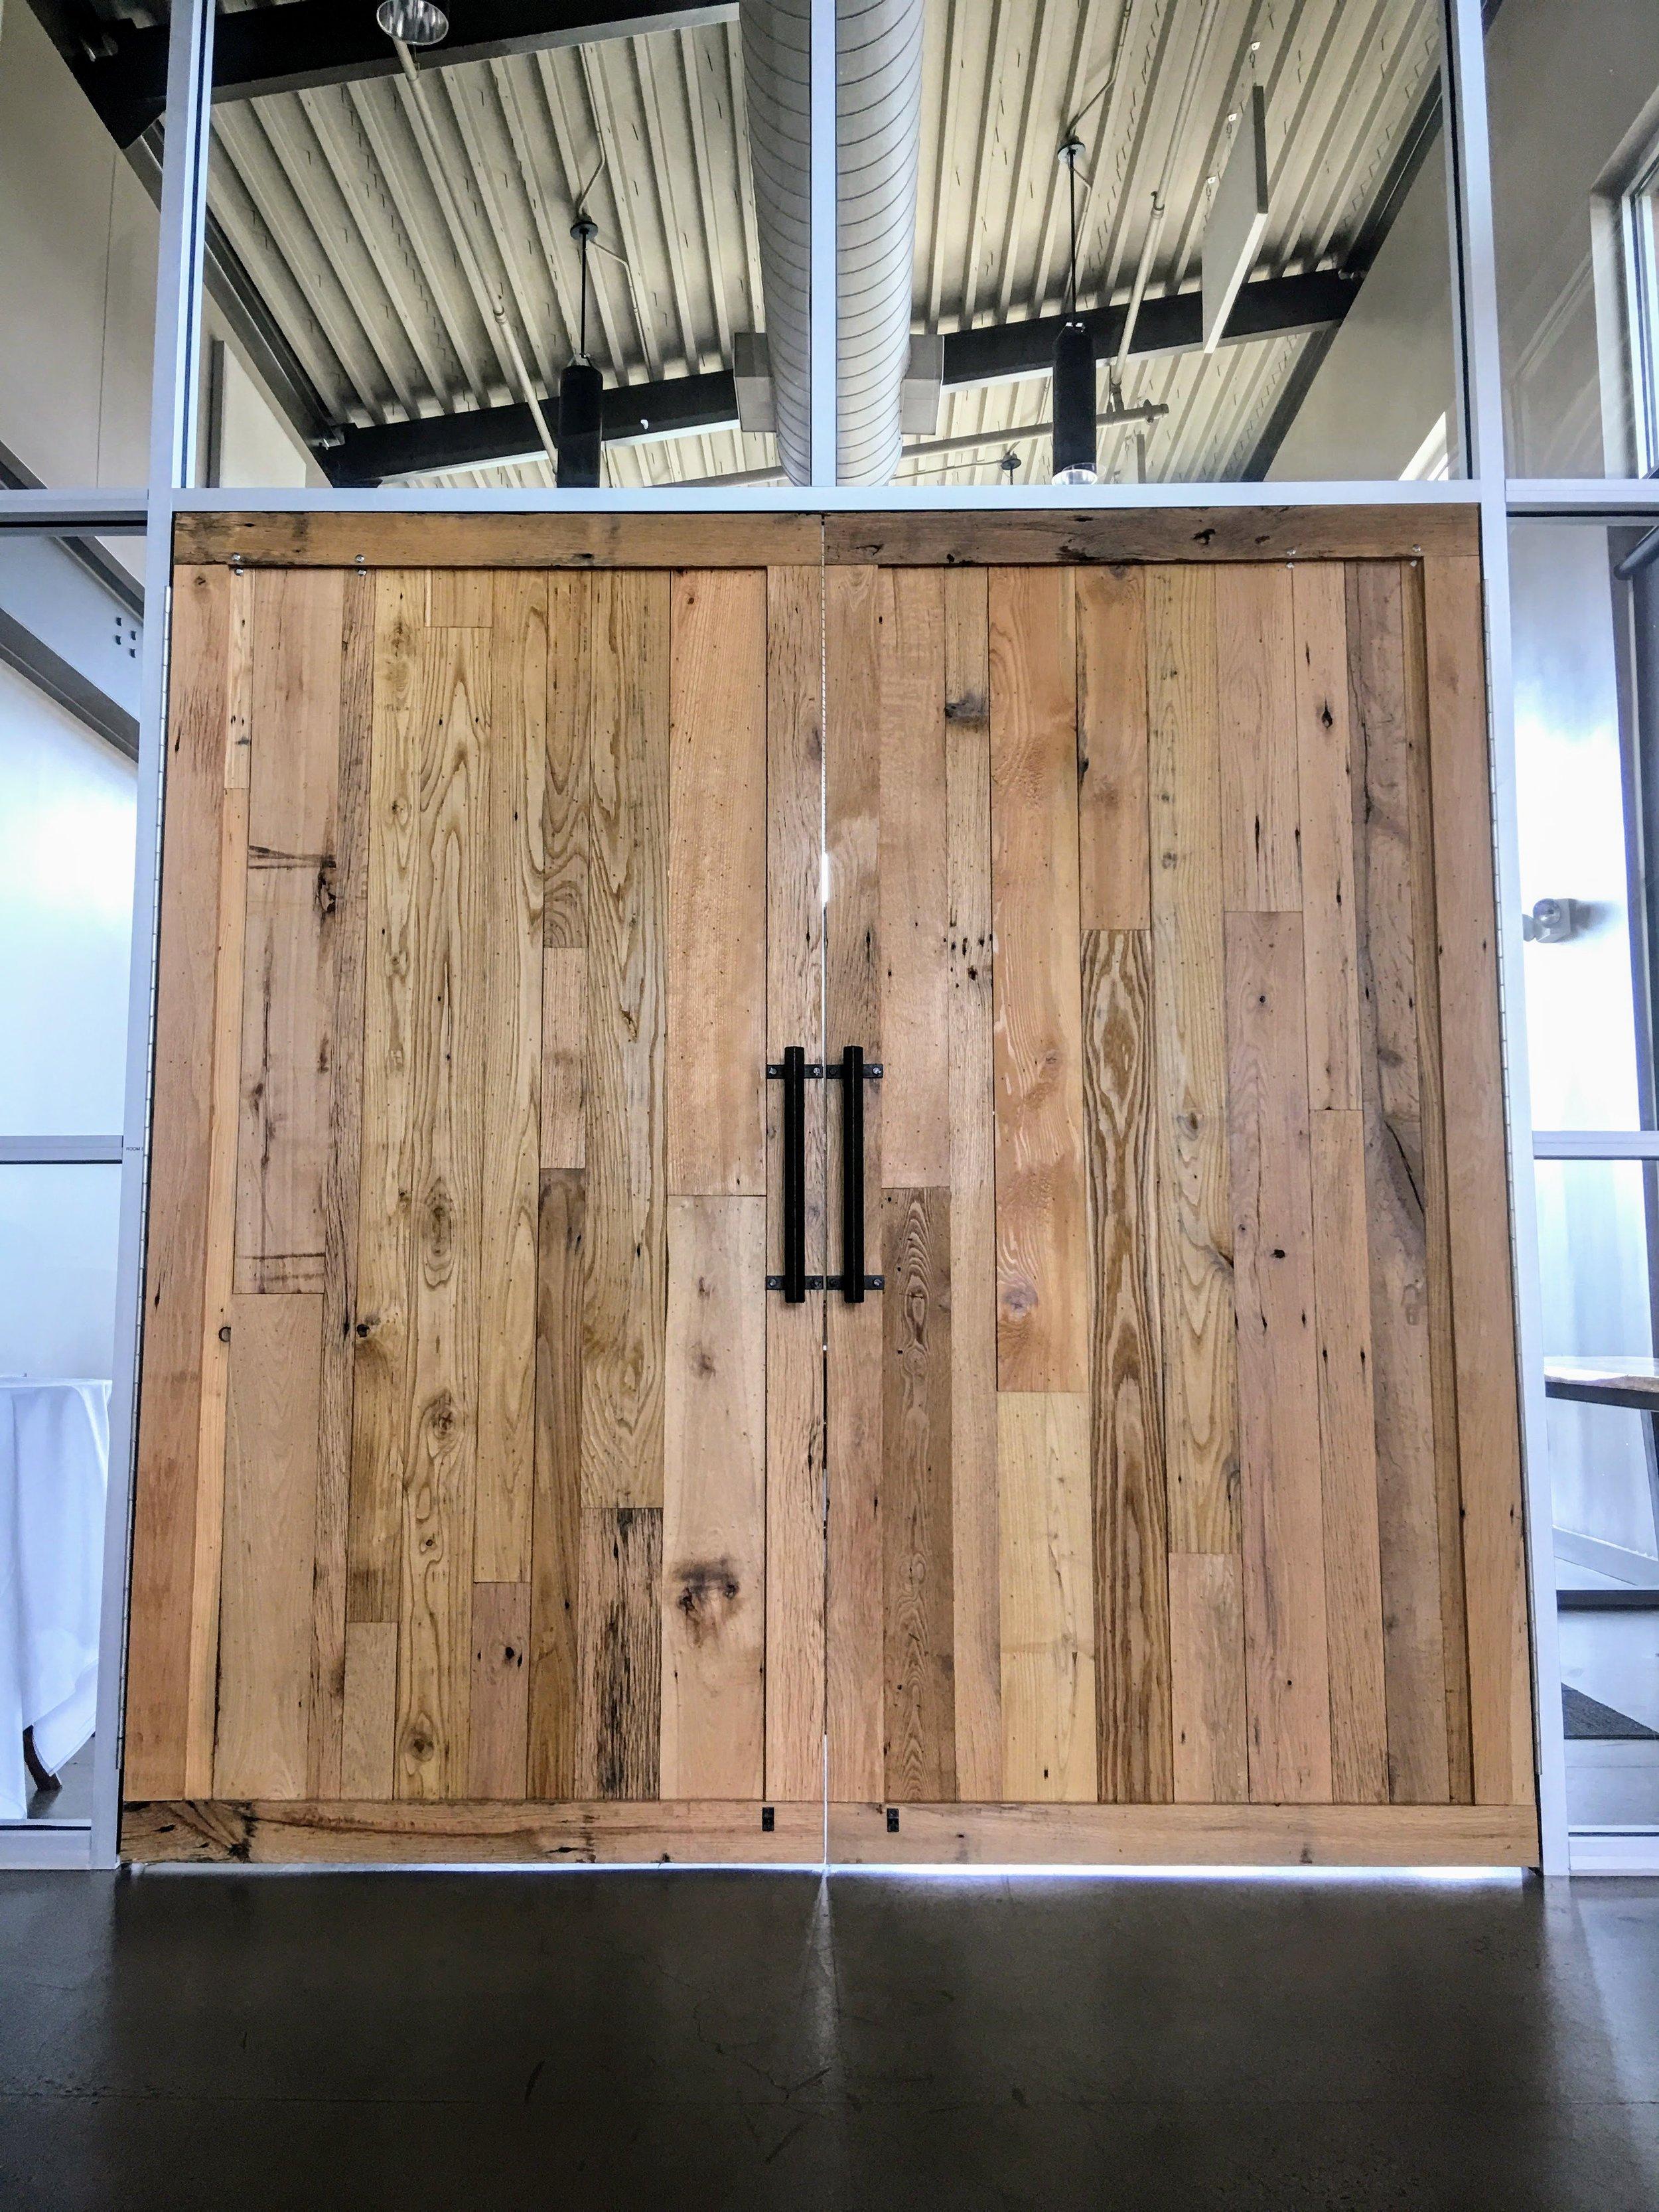 u.s.national whitewater center custom barn doors & tables